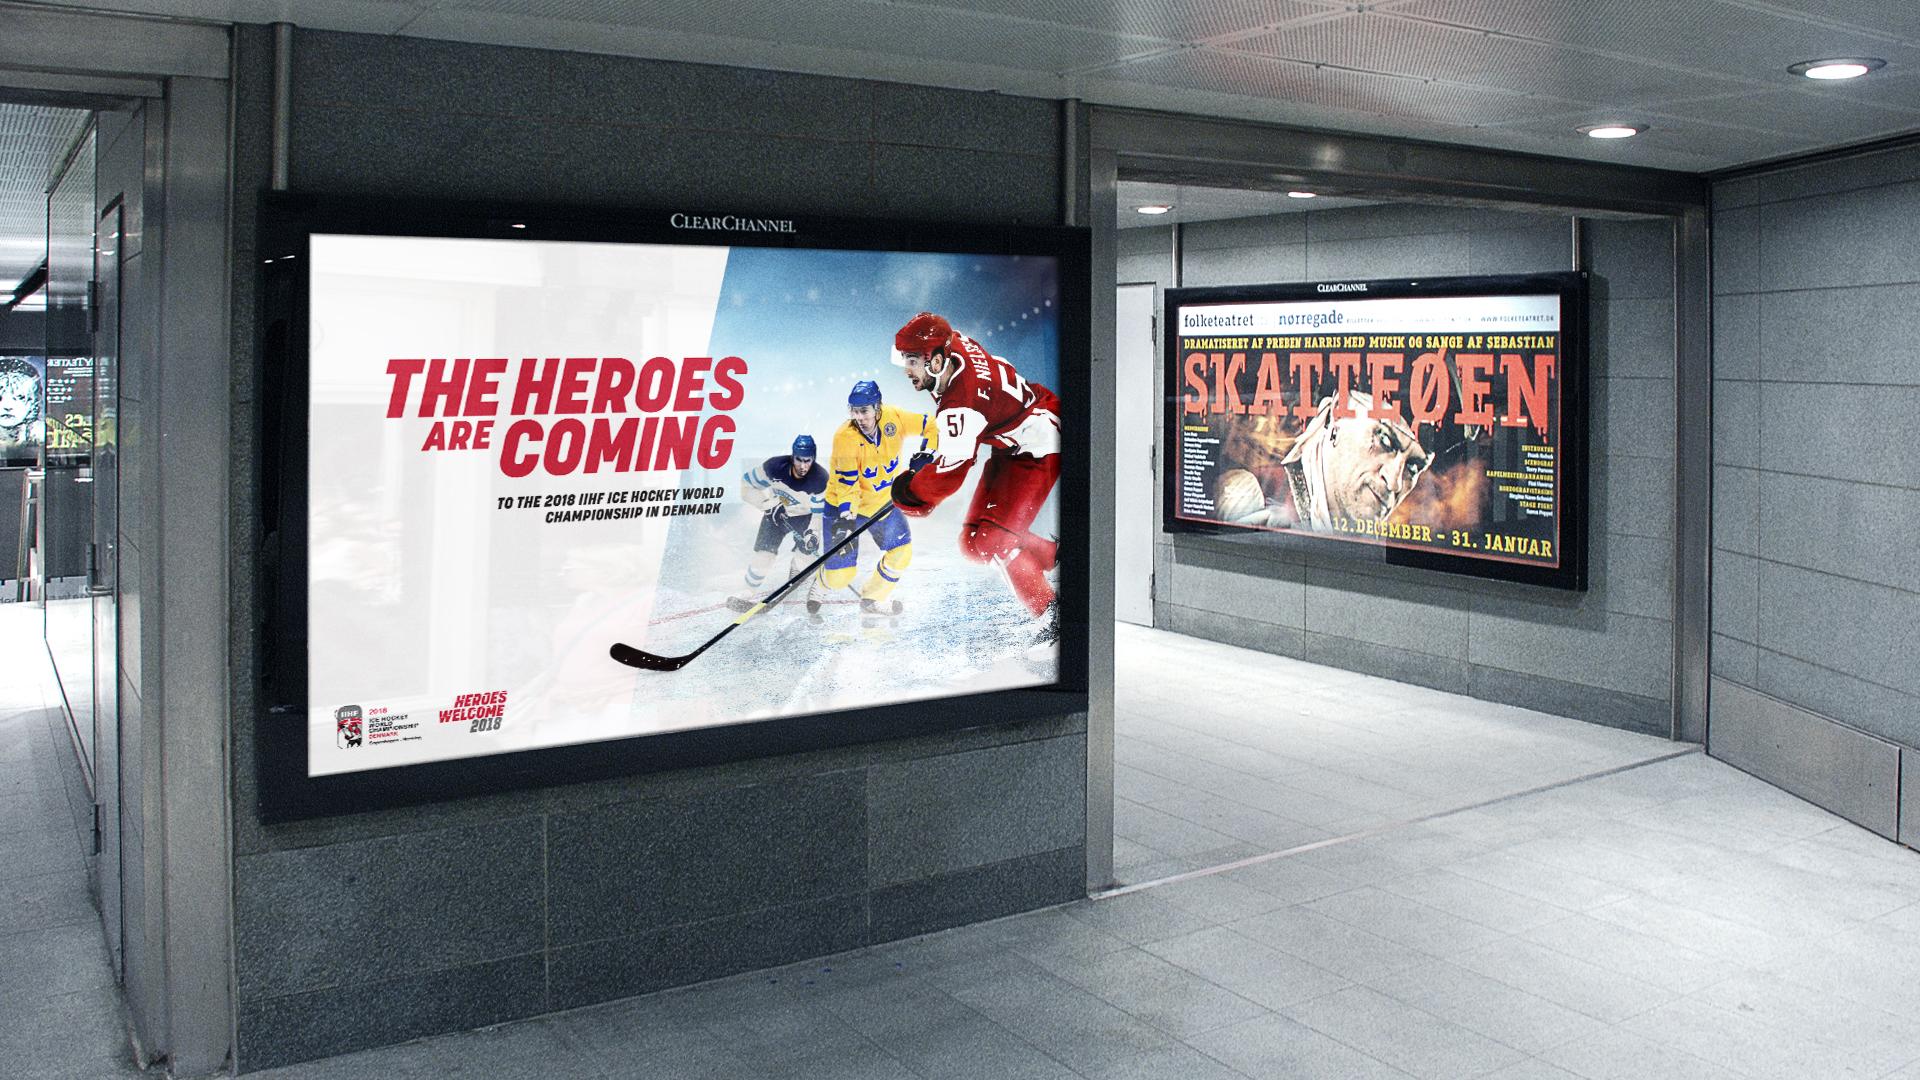 IIHF-image 1